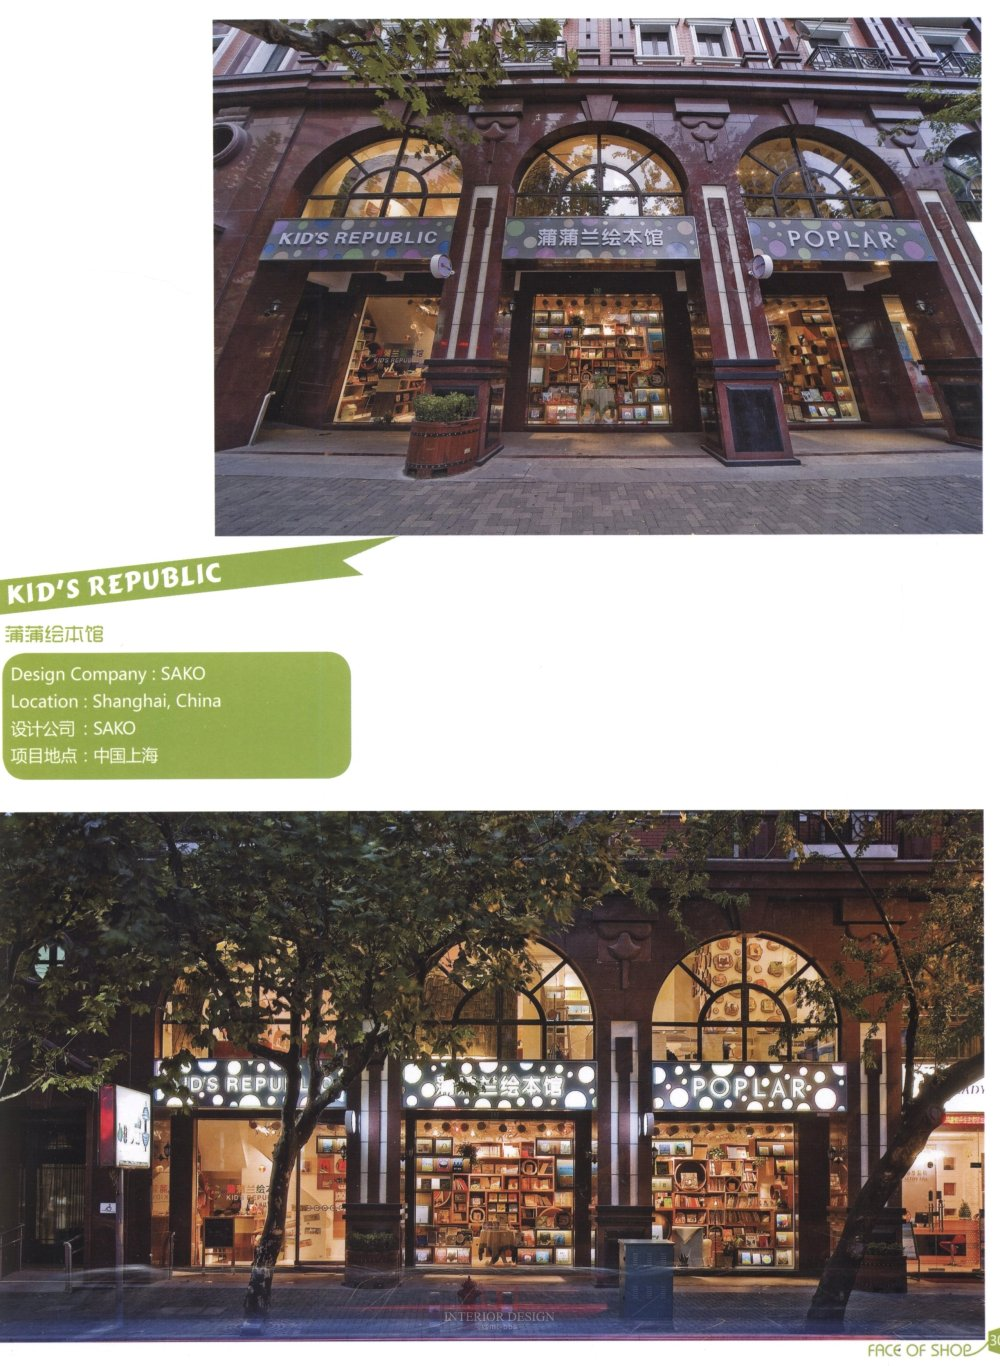 商业店铺、门头设计_kebi 0294.jpg